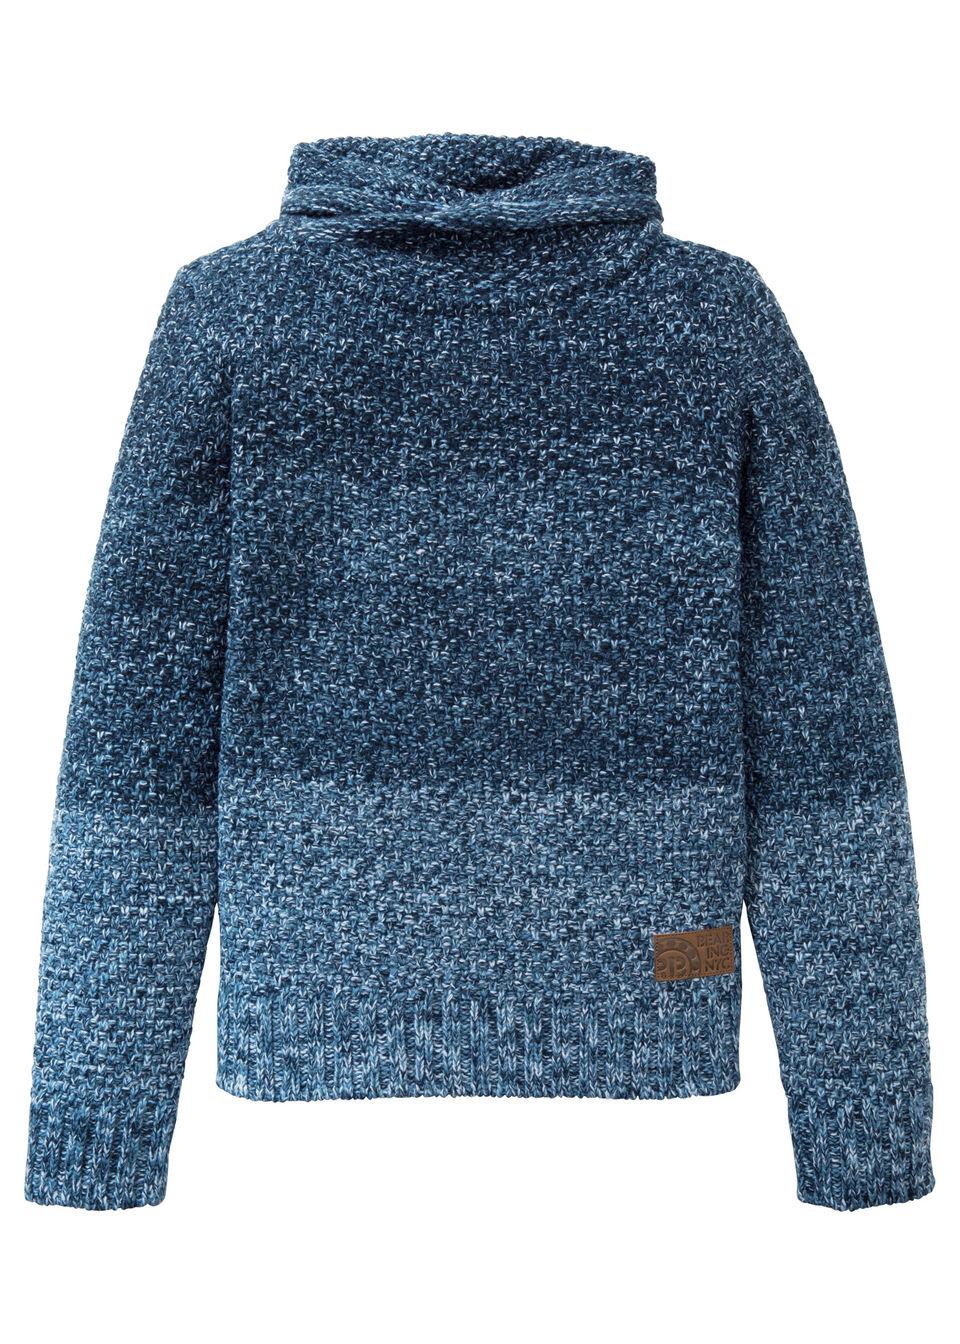 Купить Вязаный пуловер, bonprix, темно-синий/белый